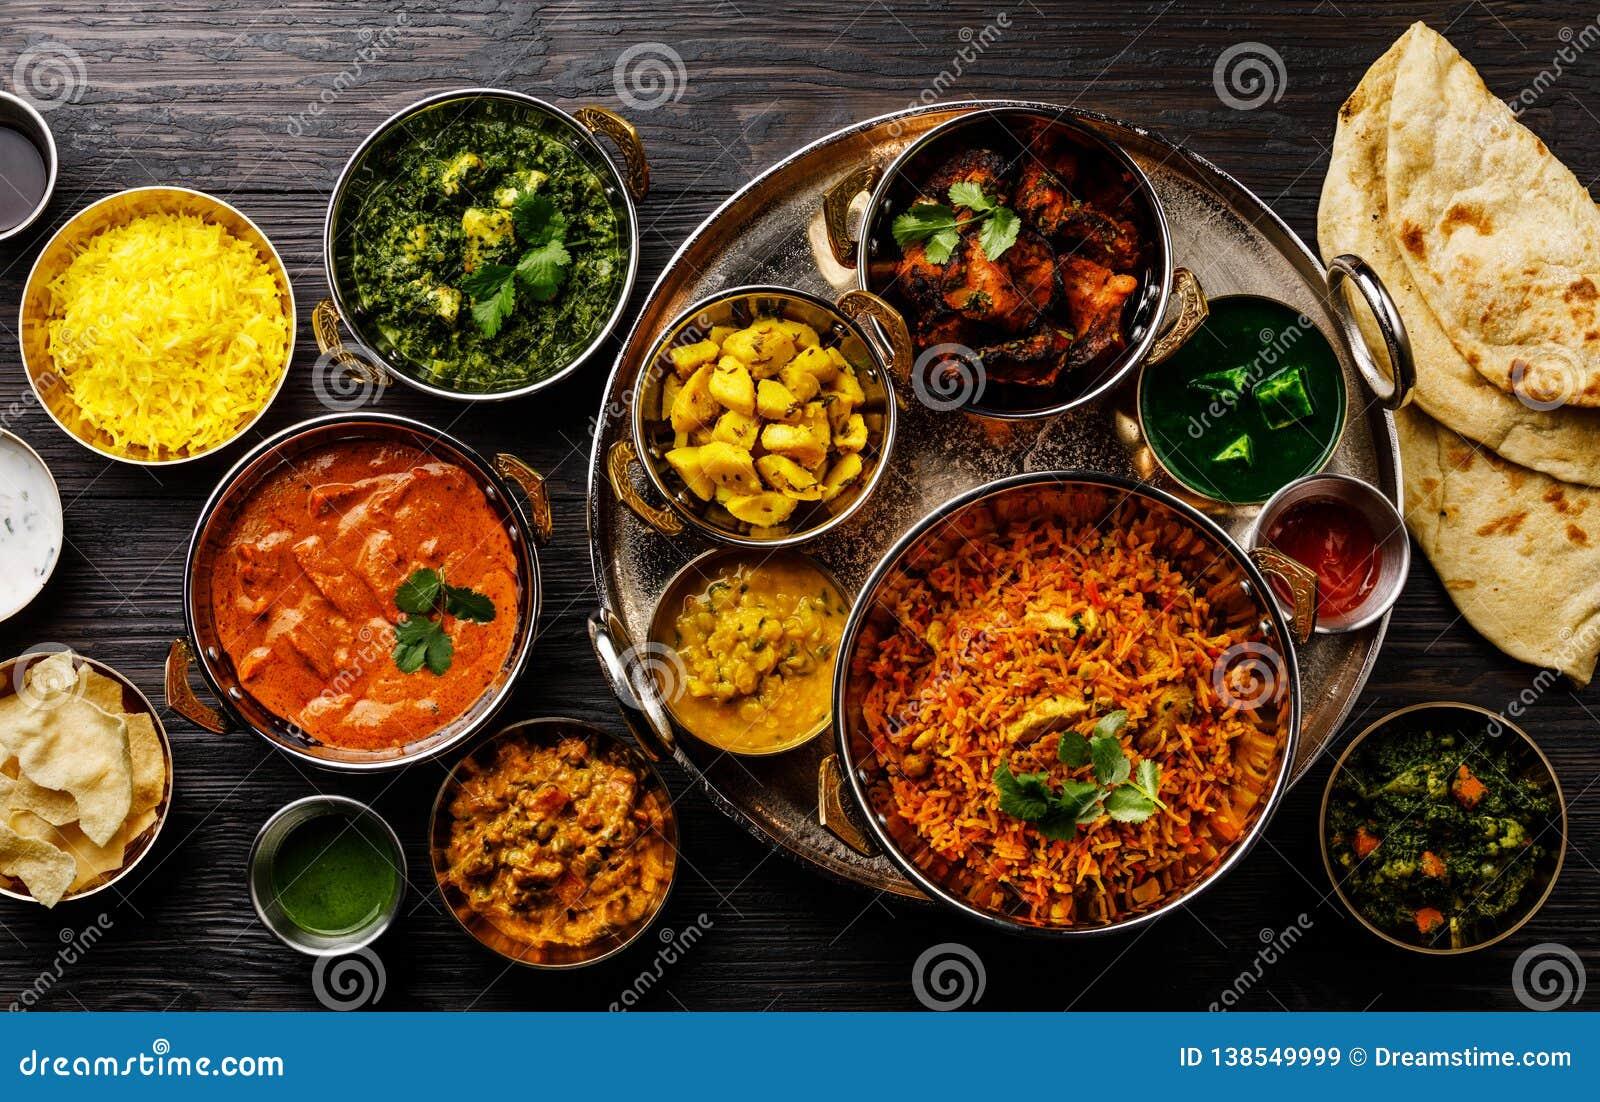 Indian food Curry butter chicken, Palak Paneer, Chiken Tikka, Biryani, Vegetable Curry, Papad, Dal, Palak Sabji, Jira Alu